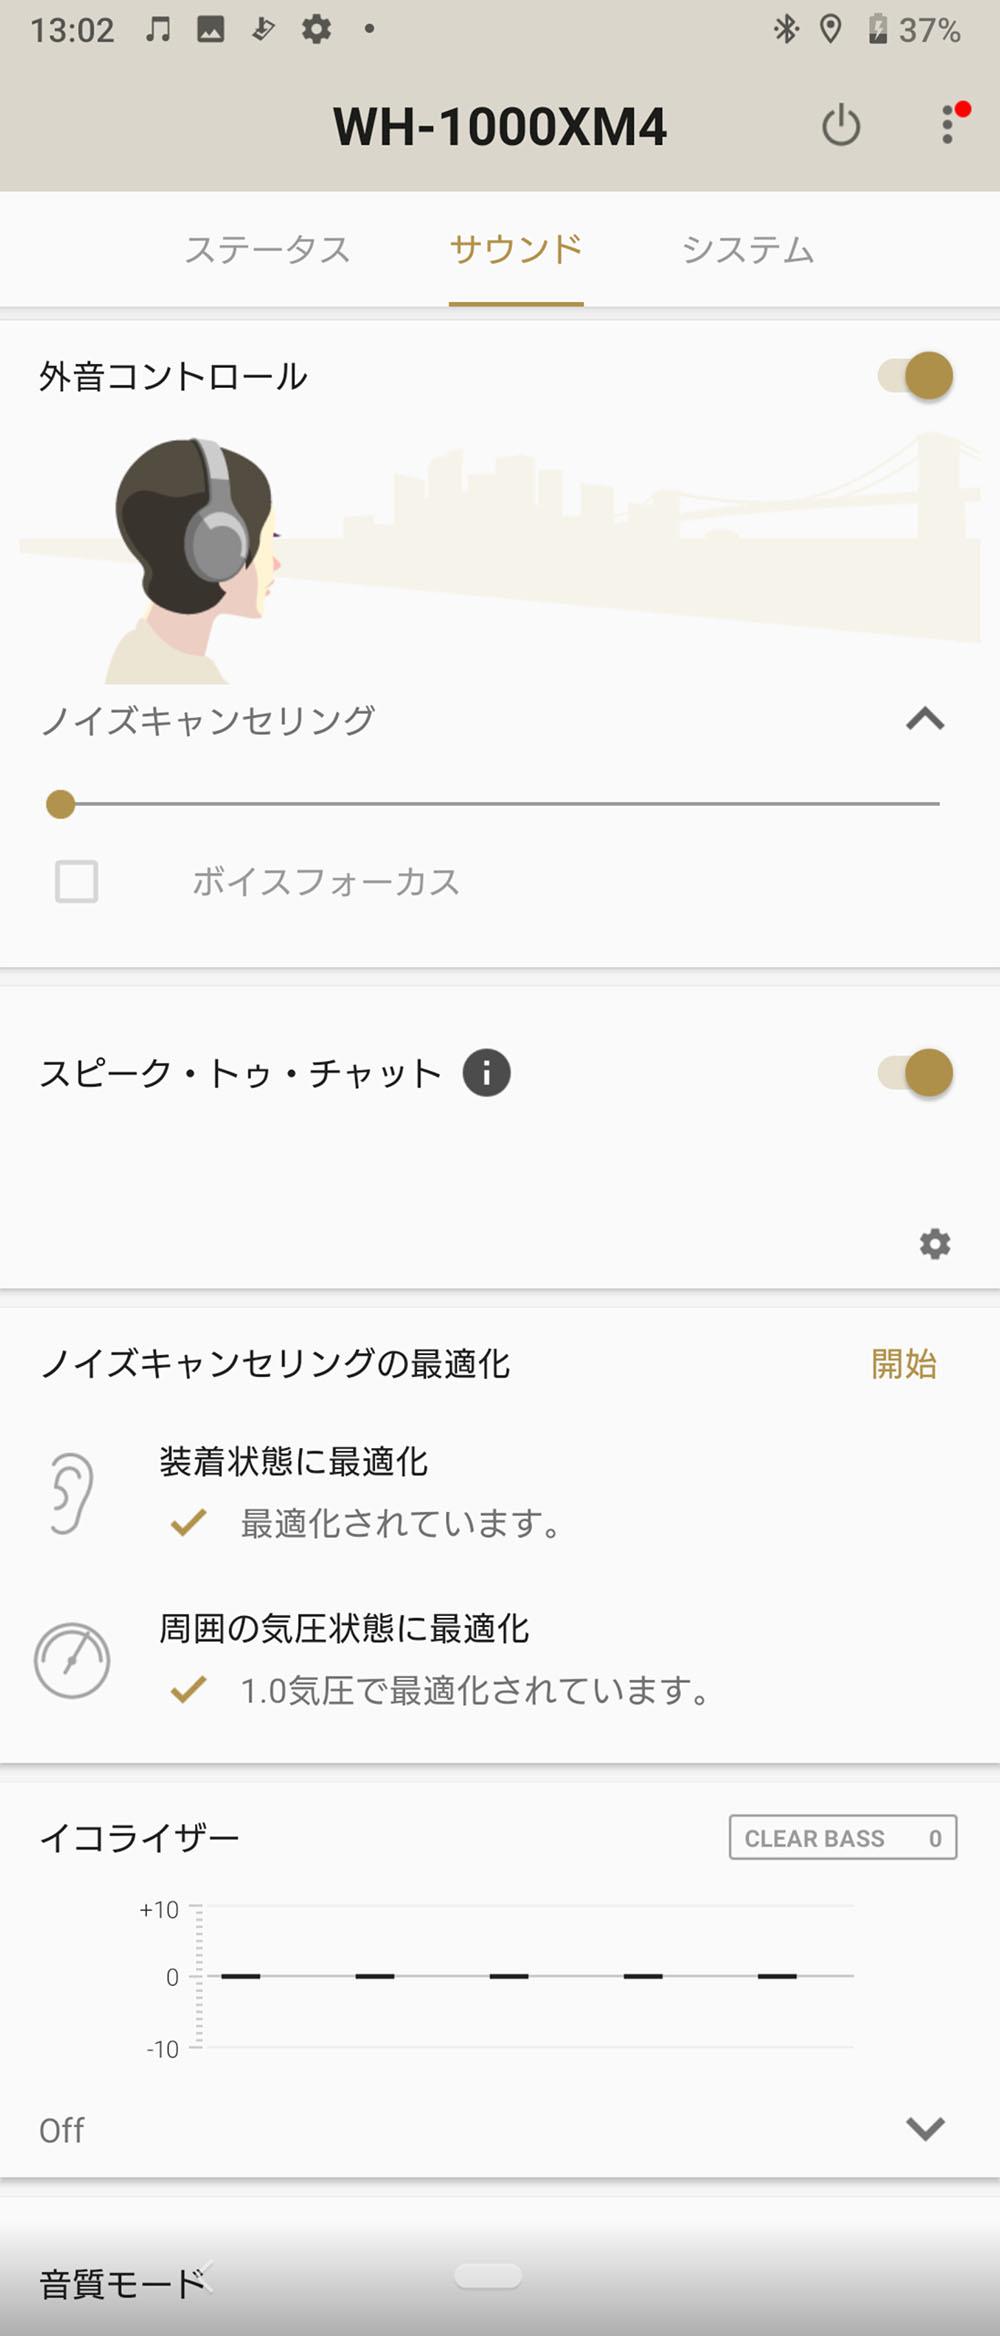 画像: 専用アプリも準備されているので、愛用スマホにインストールしてノイズキャンセリング機能のオン/オフや各種設定が可能